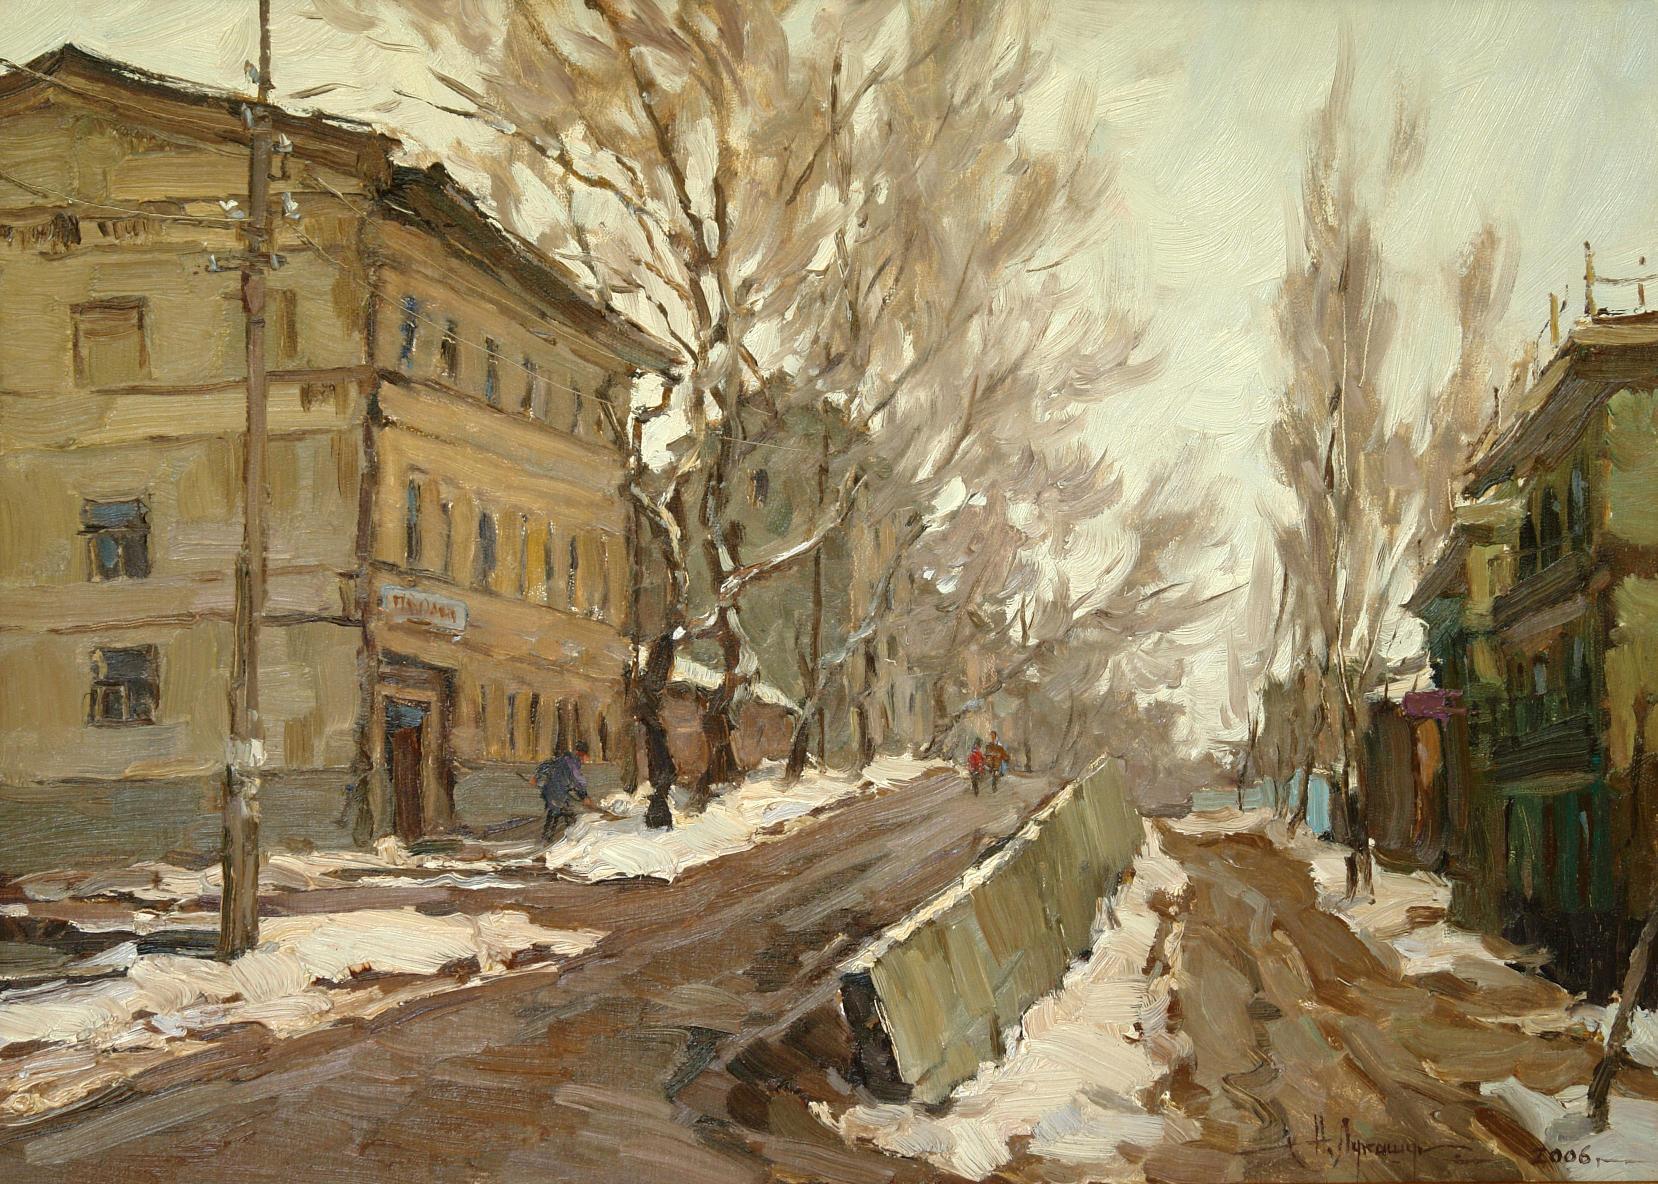 картина городской пейзаж Самара Николай Лукашук